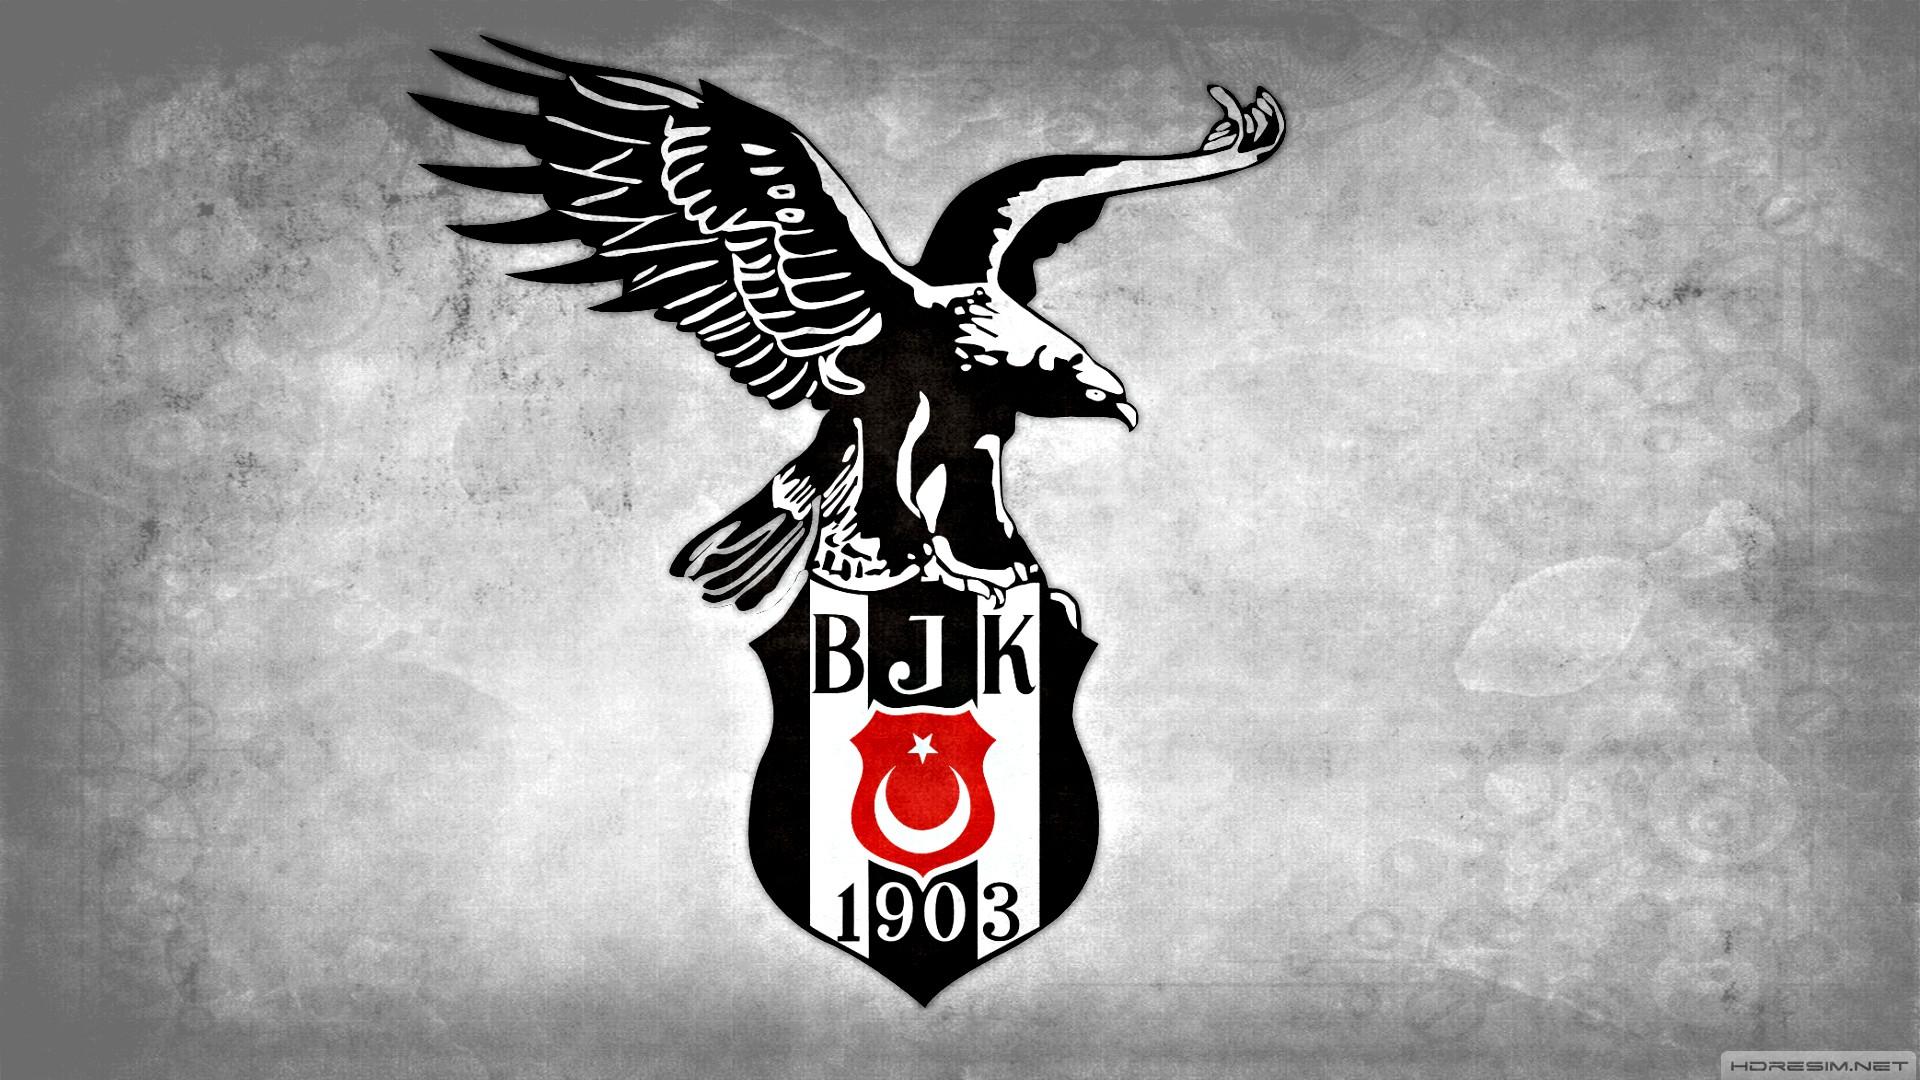 Turkey Superliga: Genclerbirligi vs Besiktas   21/09/2015 ...